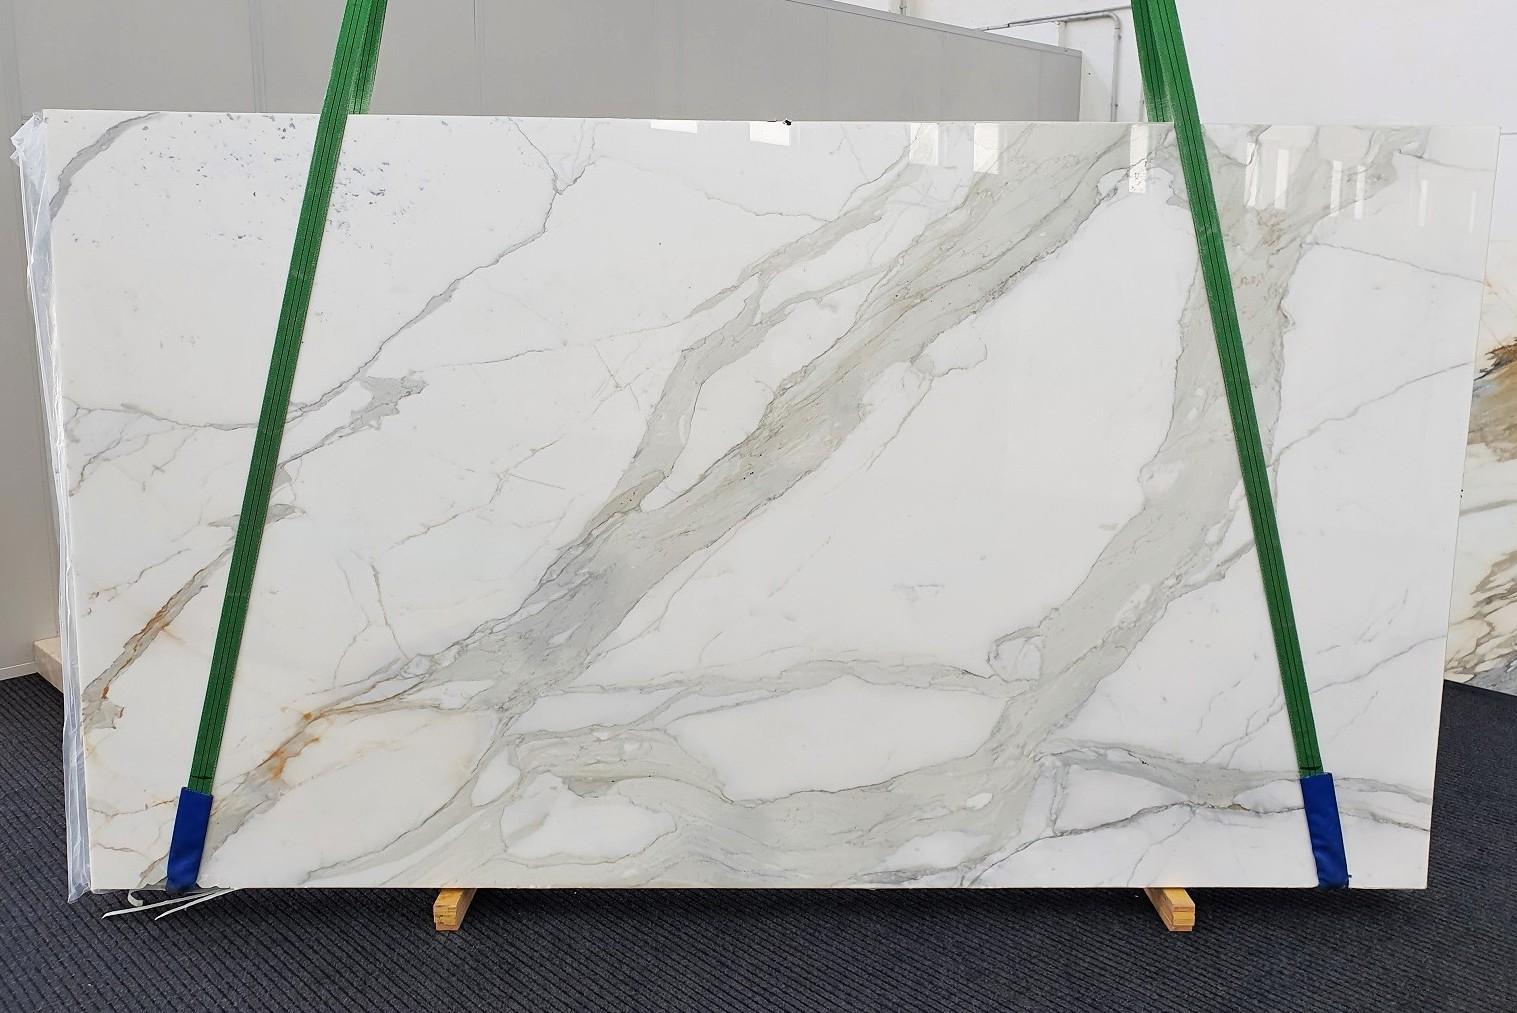 CALACATTA ORO EXTRA Fourniture Veneto (Italie) d' dalles brillantes en marbre naturel 1366 , Slab #27